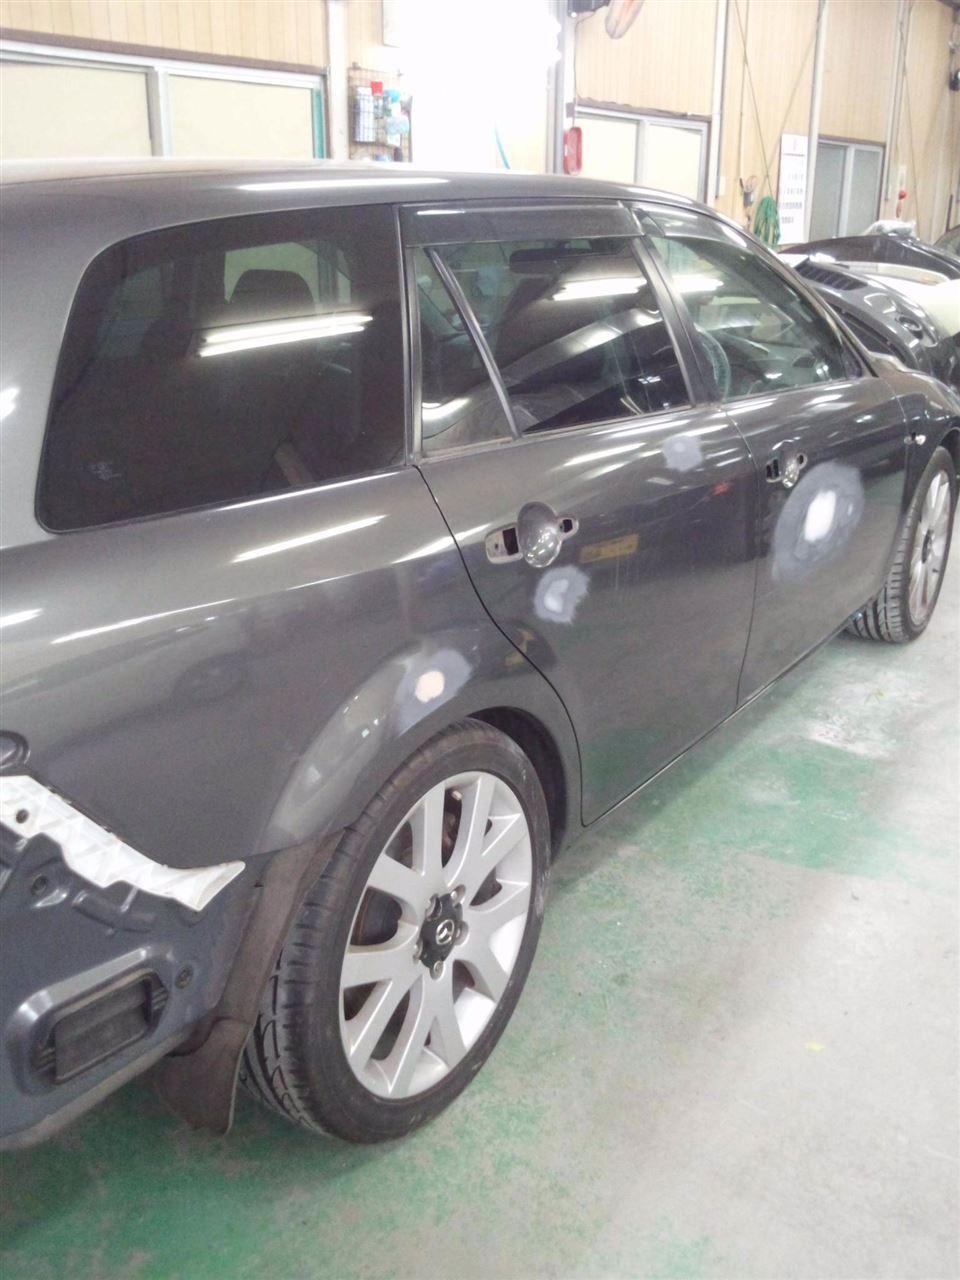 東京都立川市の車の板金塗装修理工場 ガレージローライドのマツダ アテンザの右側面のいたずらキズ へこみ の板金 修理 塗装 です。